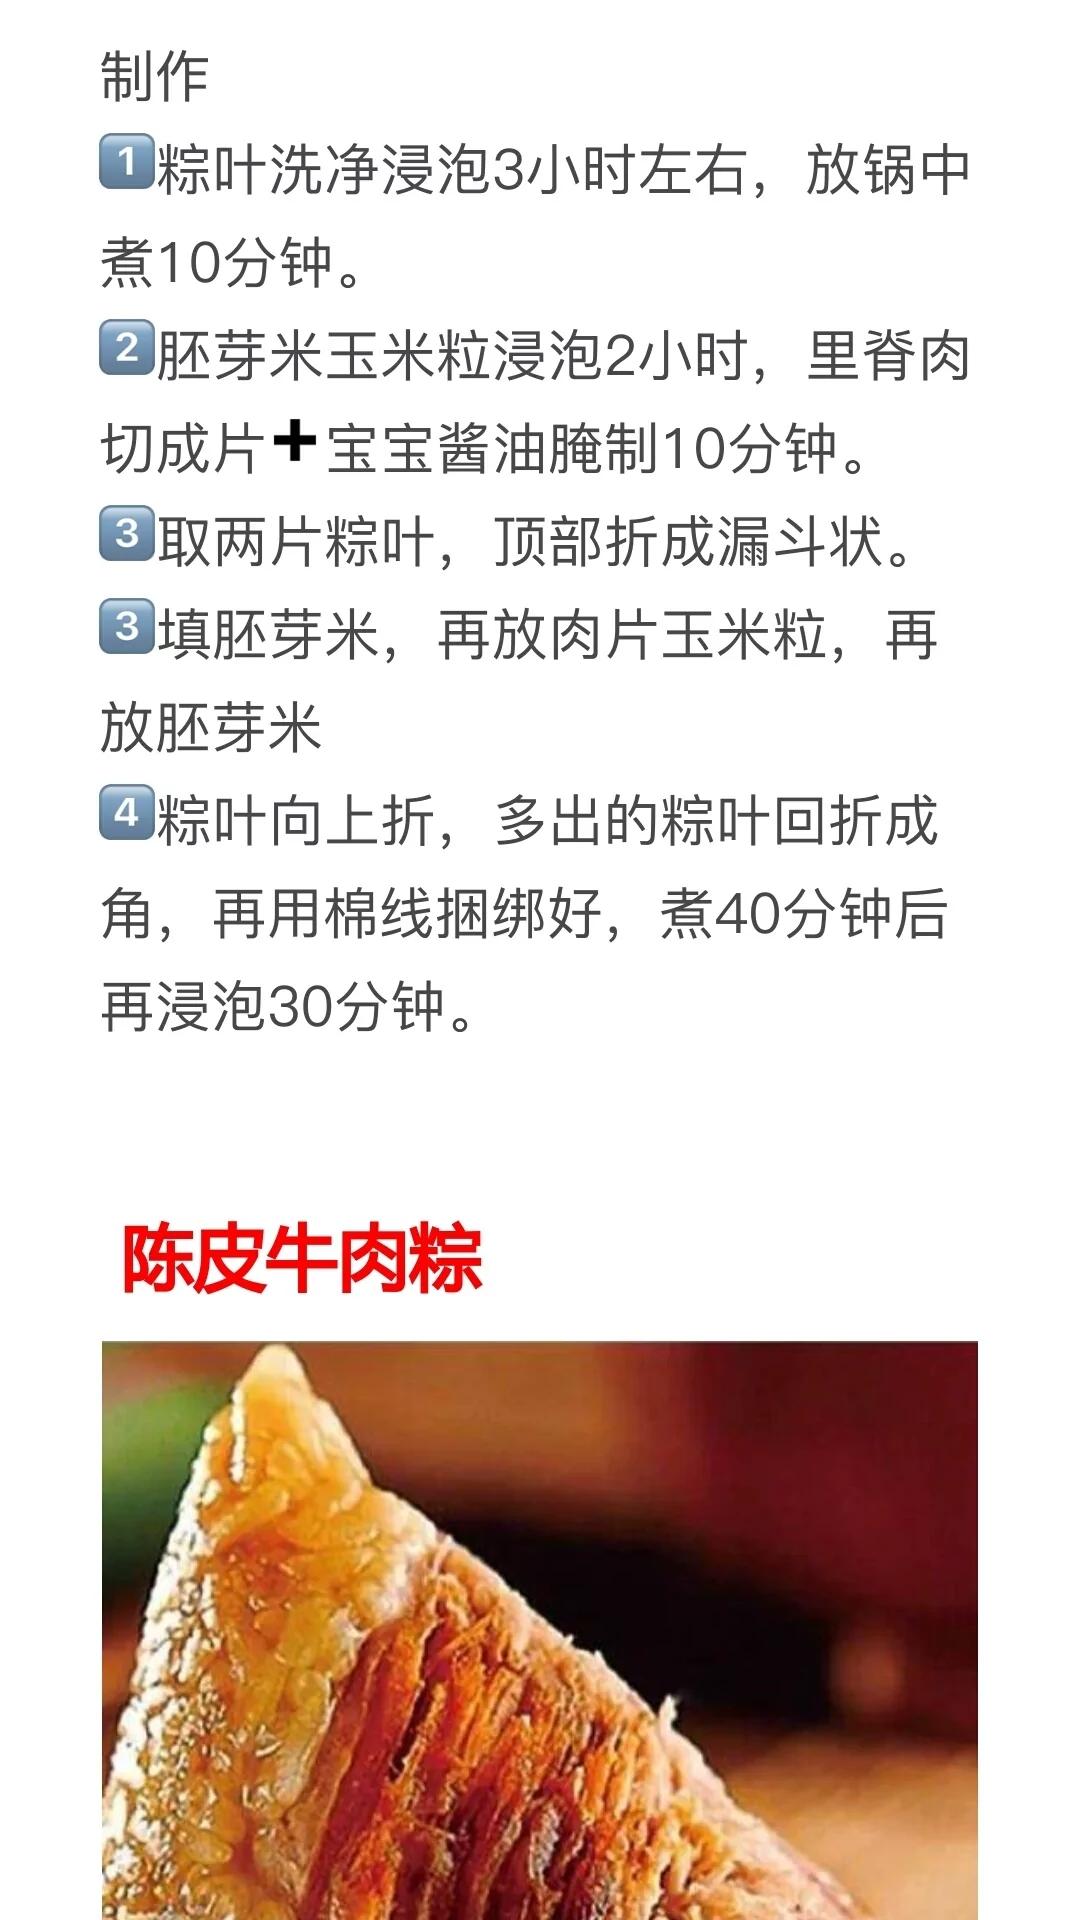 16种粽子的做法及配料!粽子馅配方种类大全,粽子制作方法教程 美食做法 第6张